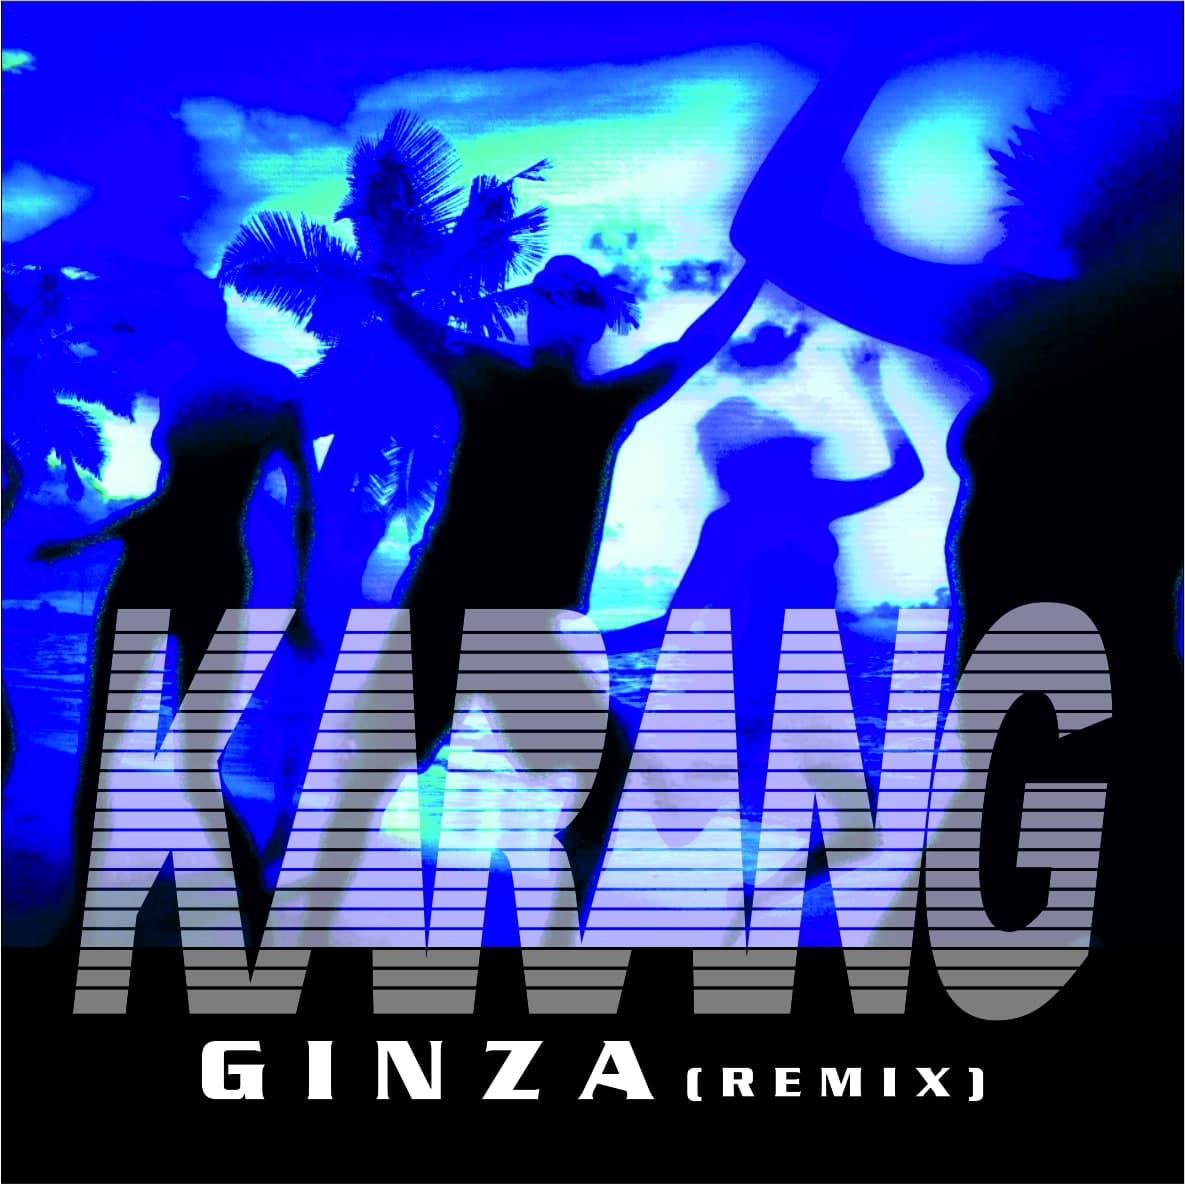 Karang – Ginza (Remix)